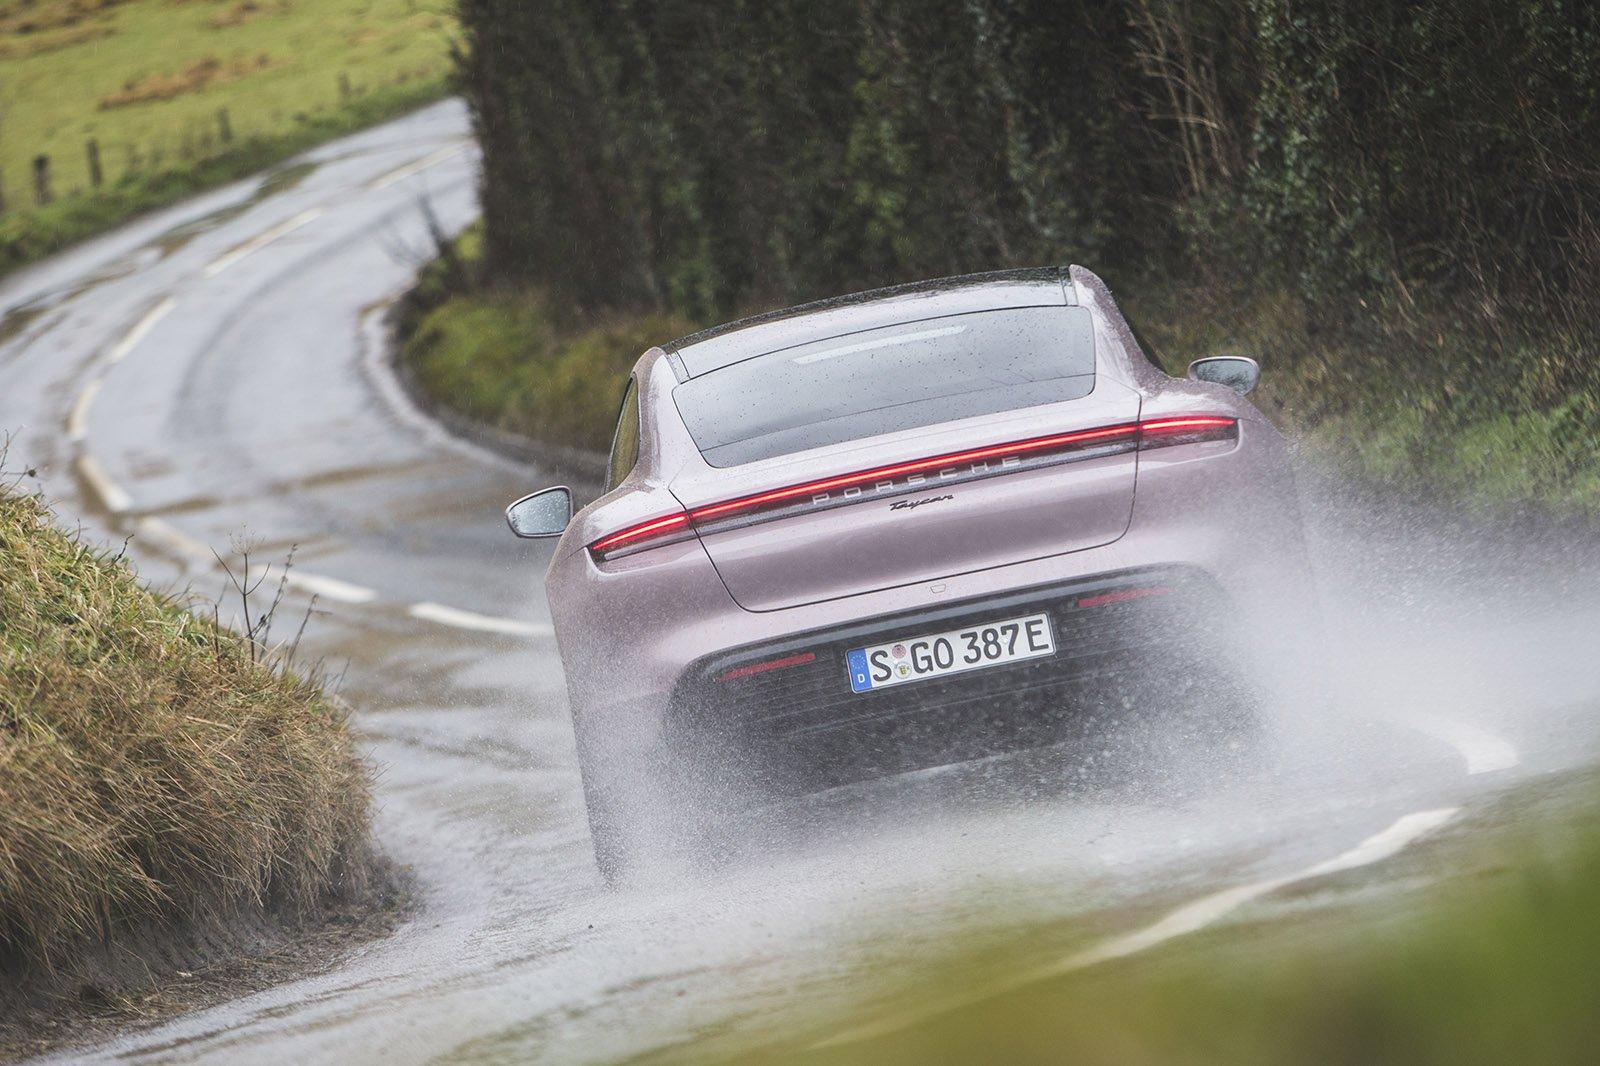 2021 Porsche Taycan RWD rear 2